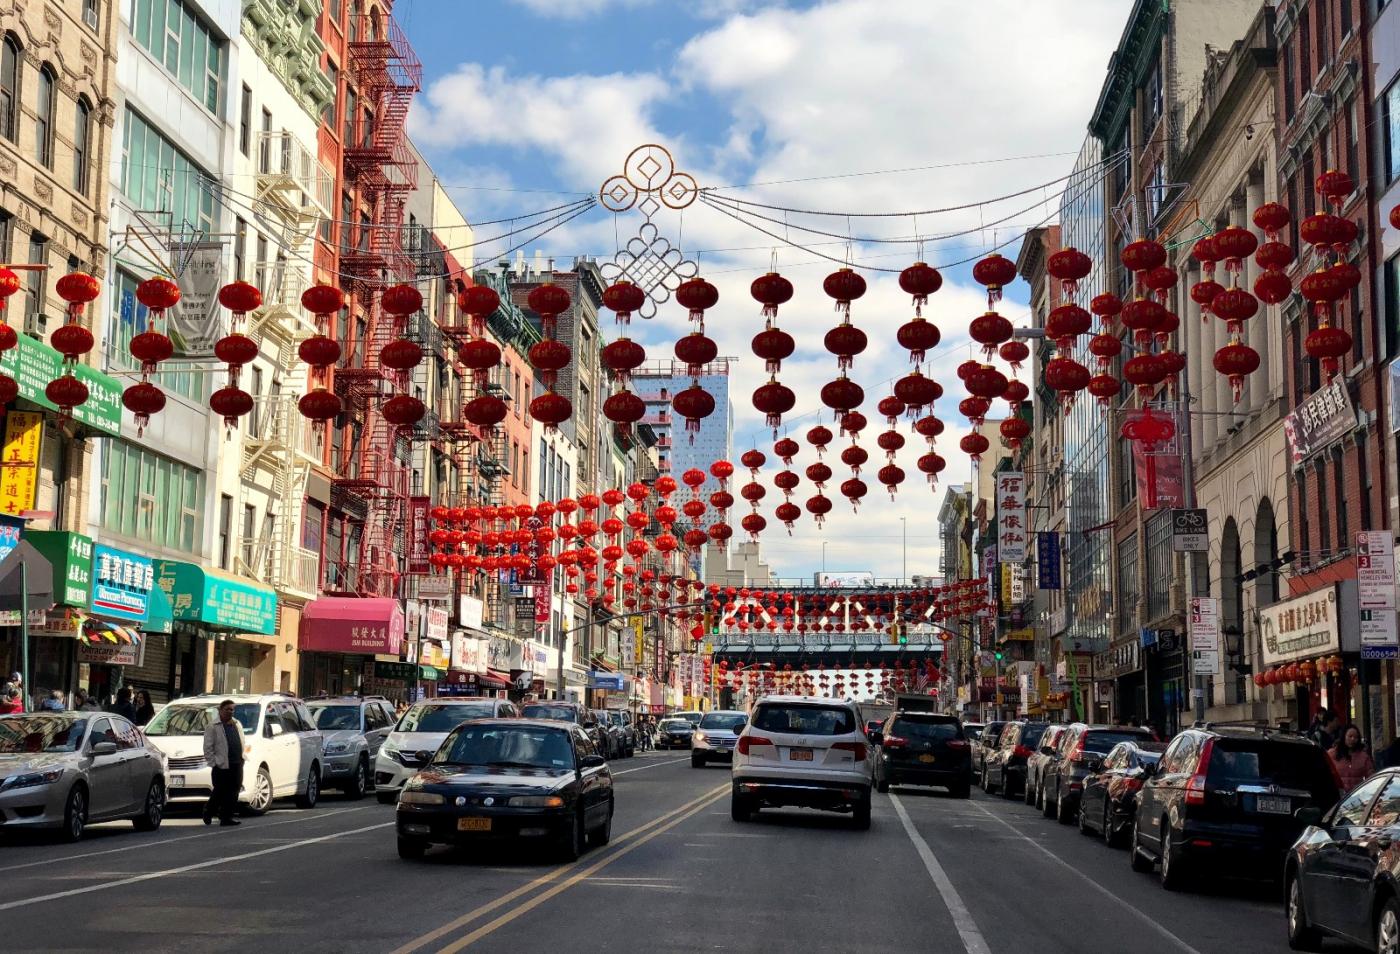 [田螺随拍]纽约、中国城_图1-3